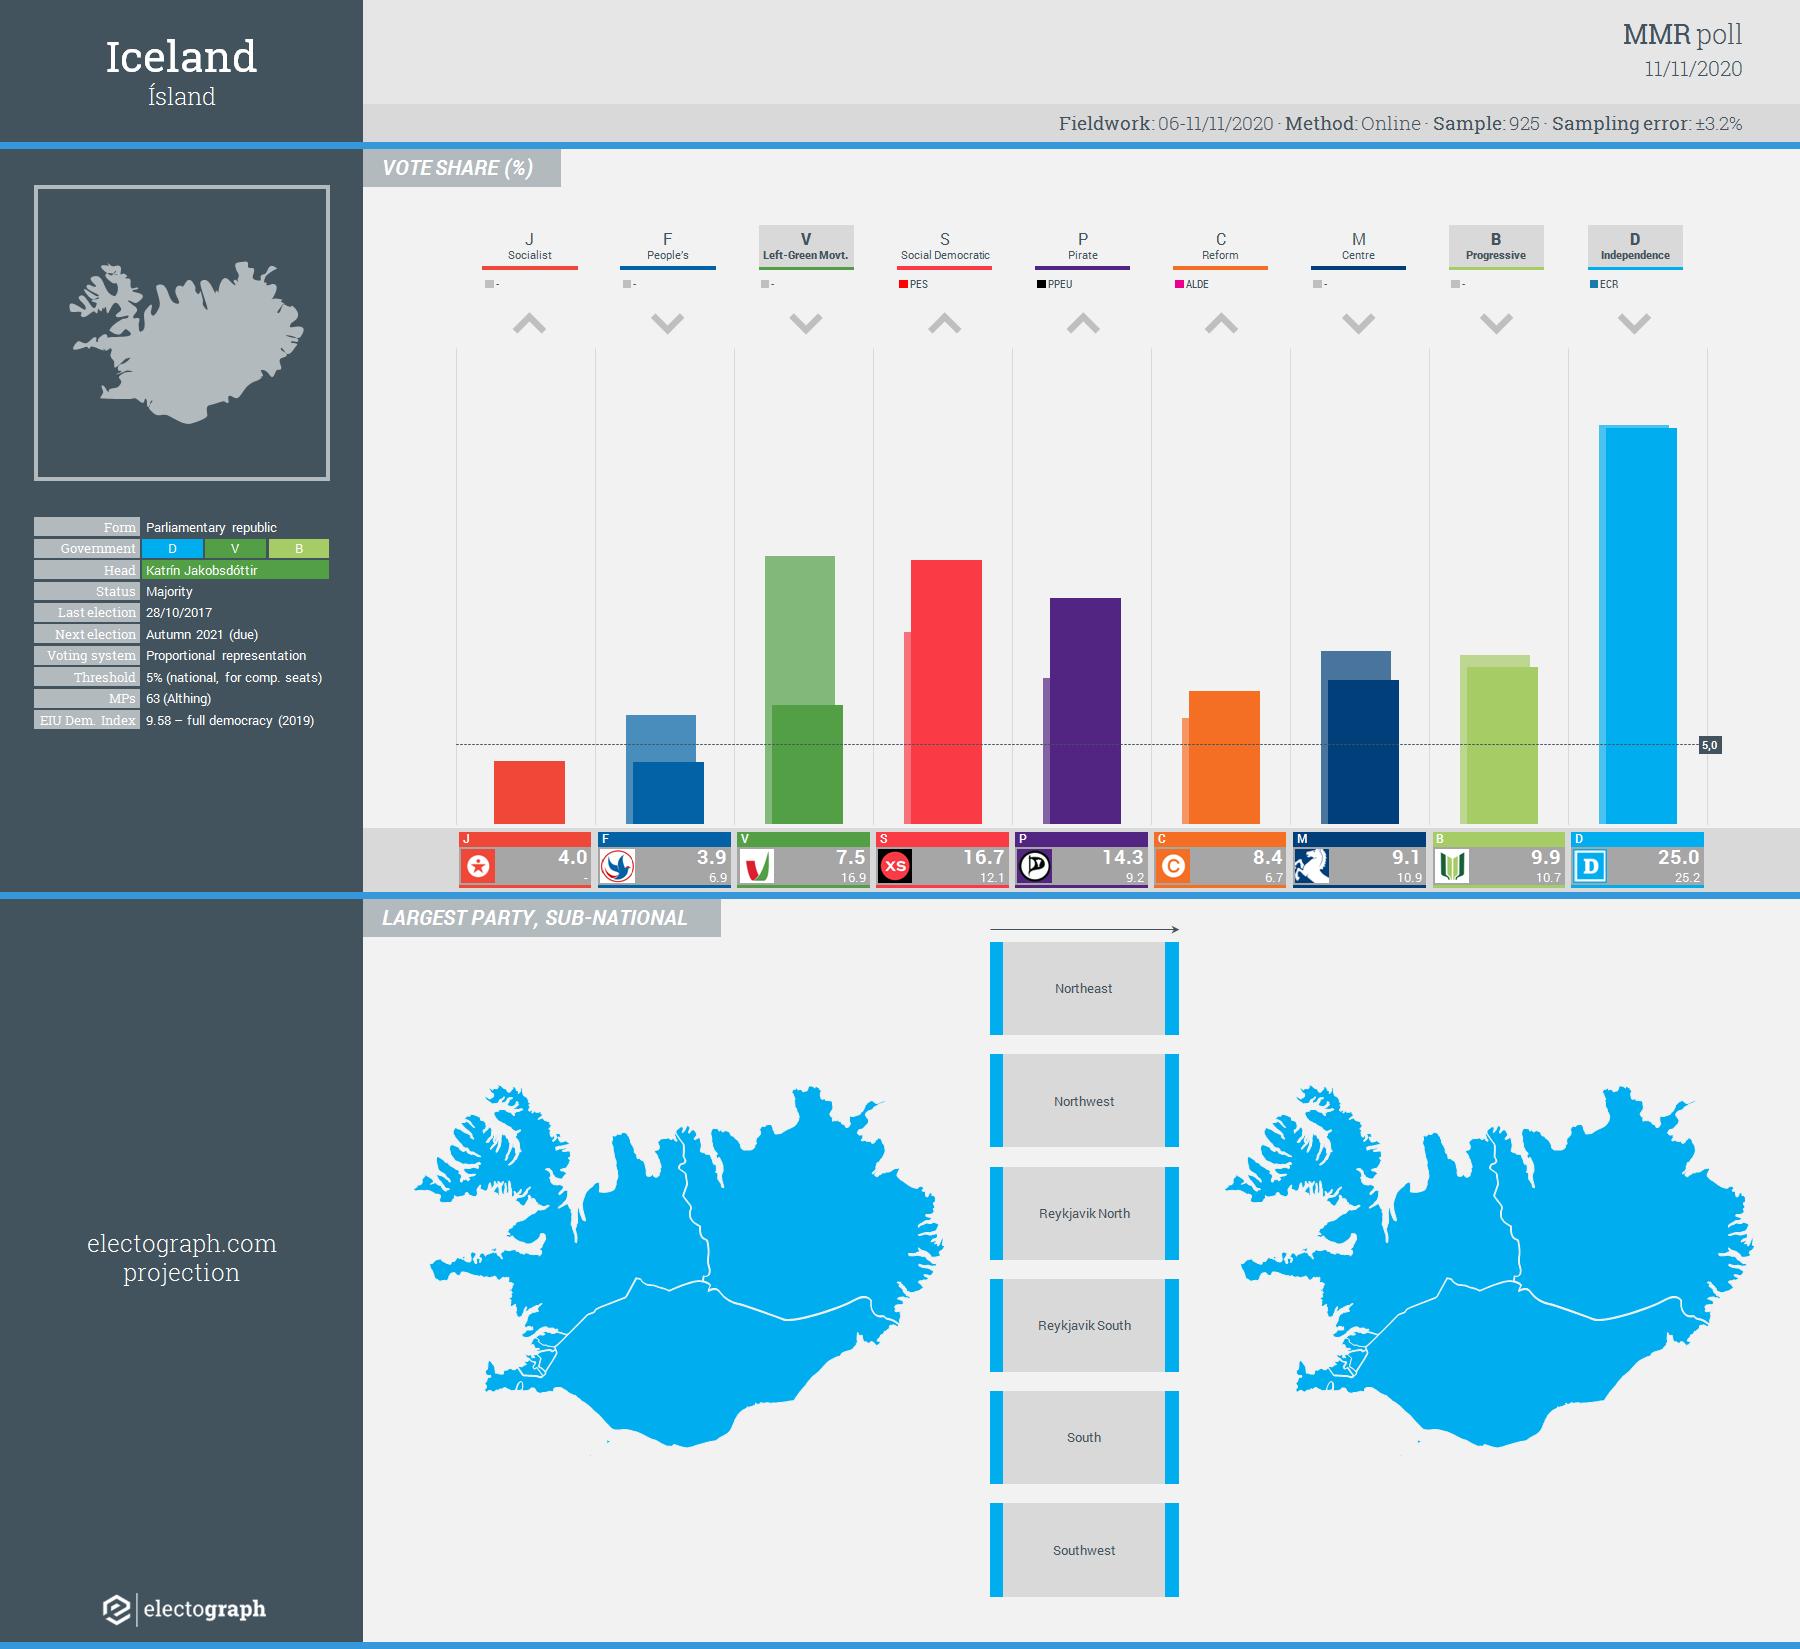 ICELAND: MMR poll chart, 11 November 2020